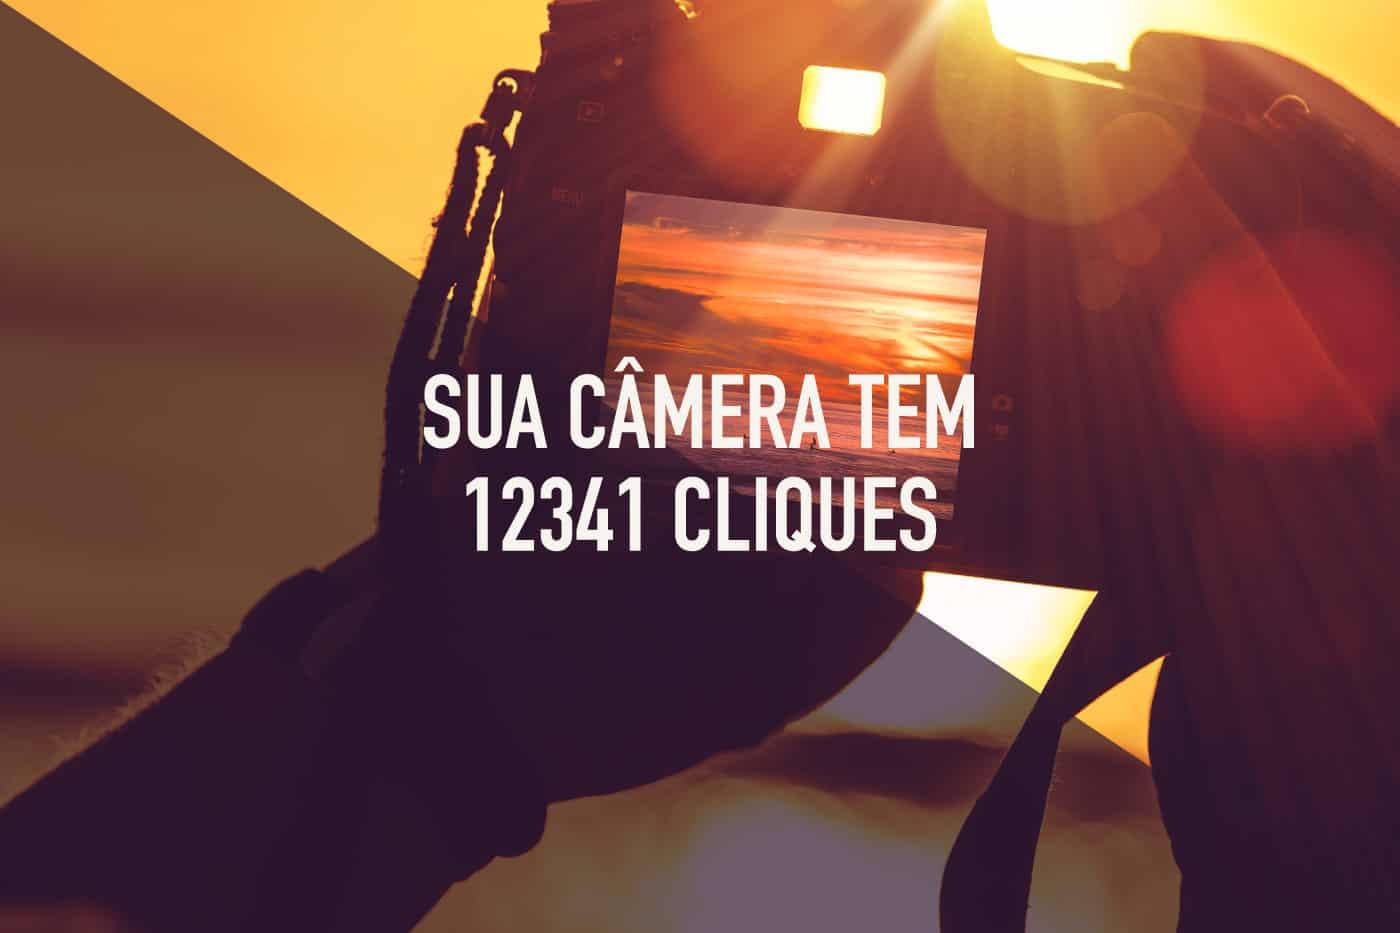 Como saber a Quantidade de Cliques de sua Câmera (Atualizado 2020)